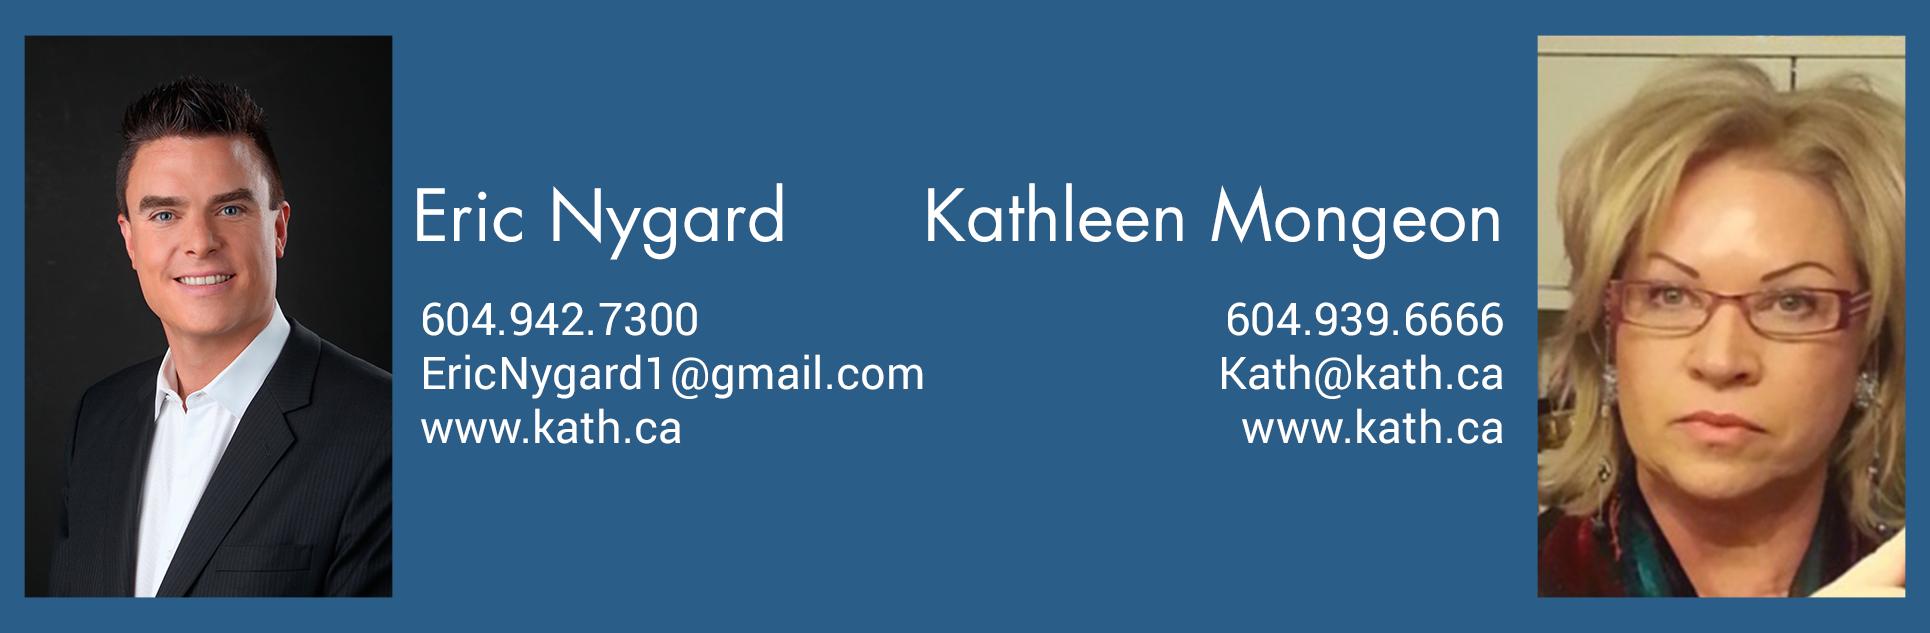 Kathleen Mongeon